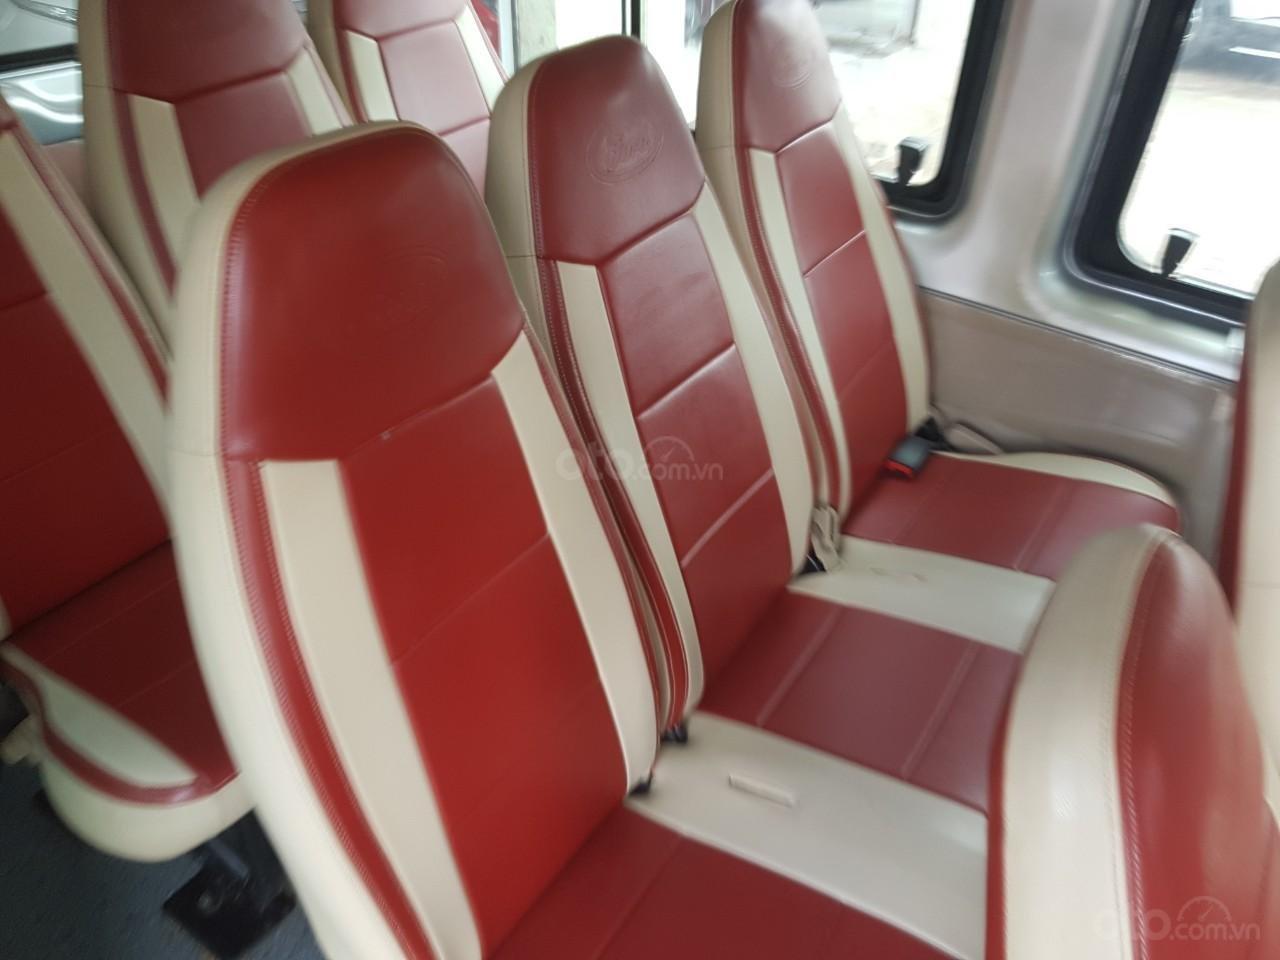 Bán xe Ford Transit 2013, đăng ký 2014, xe chỉ đưa đón học sinh, không chạy tuyến, giá 310tr (8)